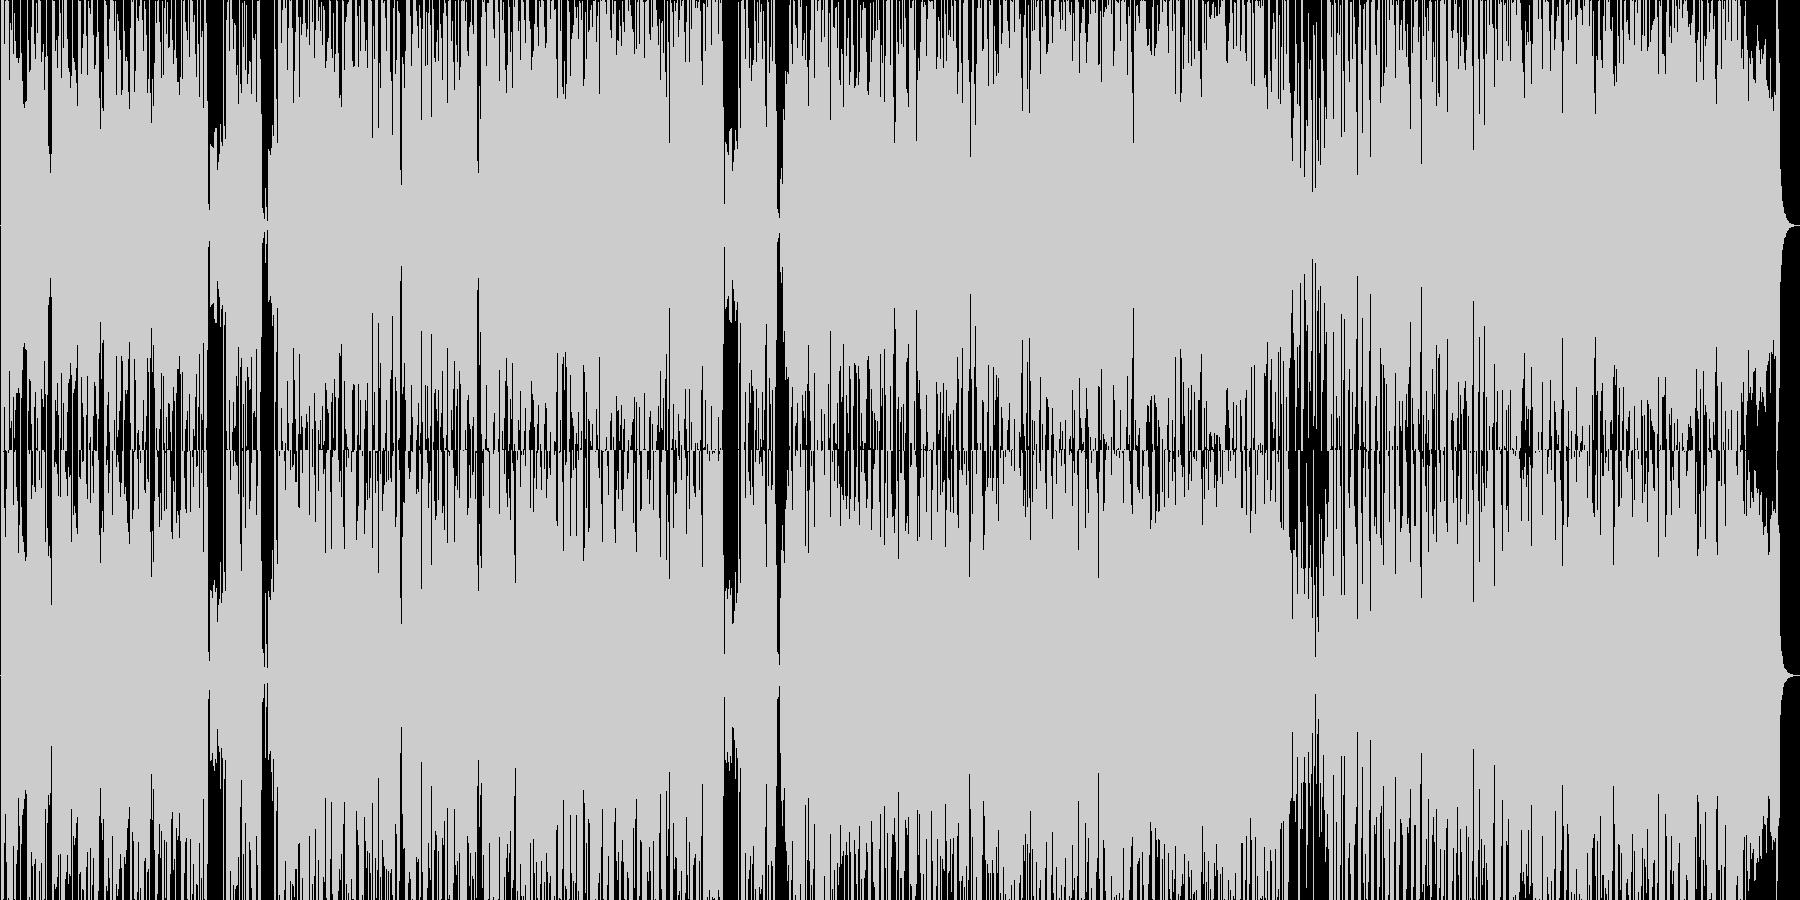 ファンキーな雰囲気のポップスの未再生の波形